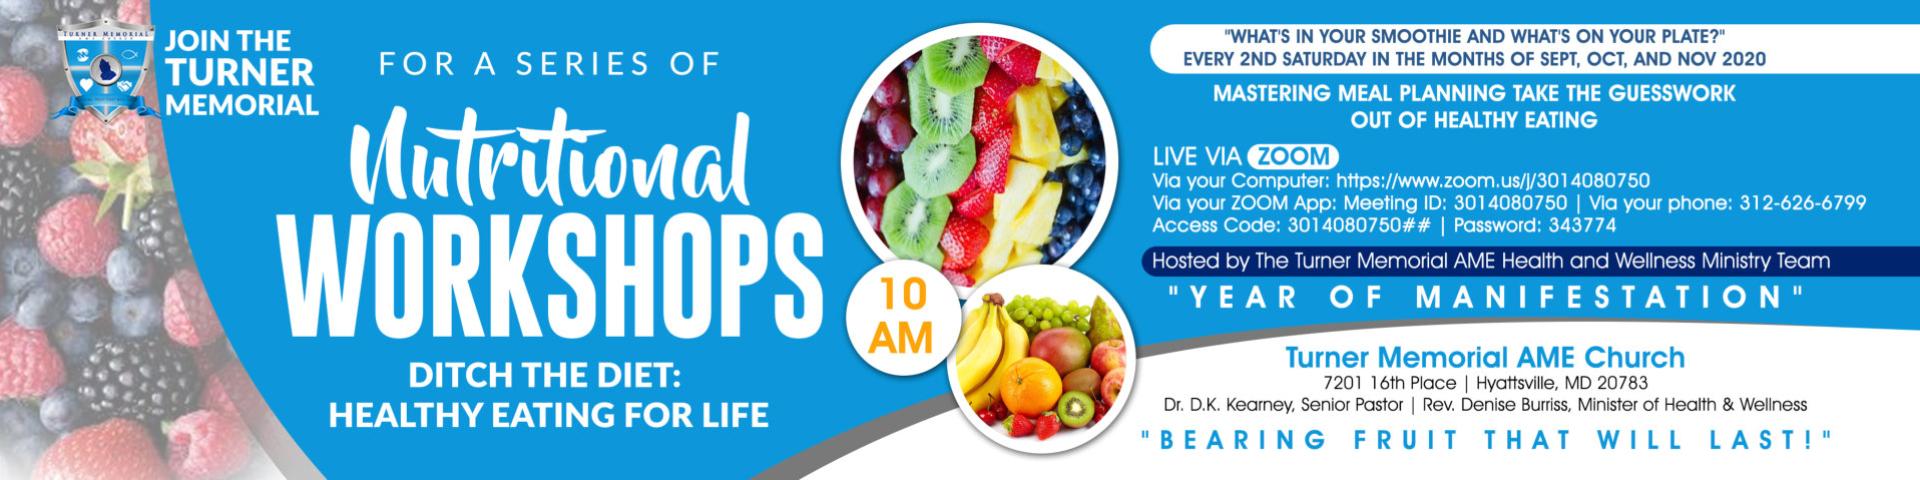 Nutritional Workshops Banner